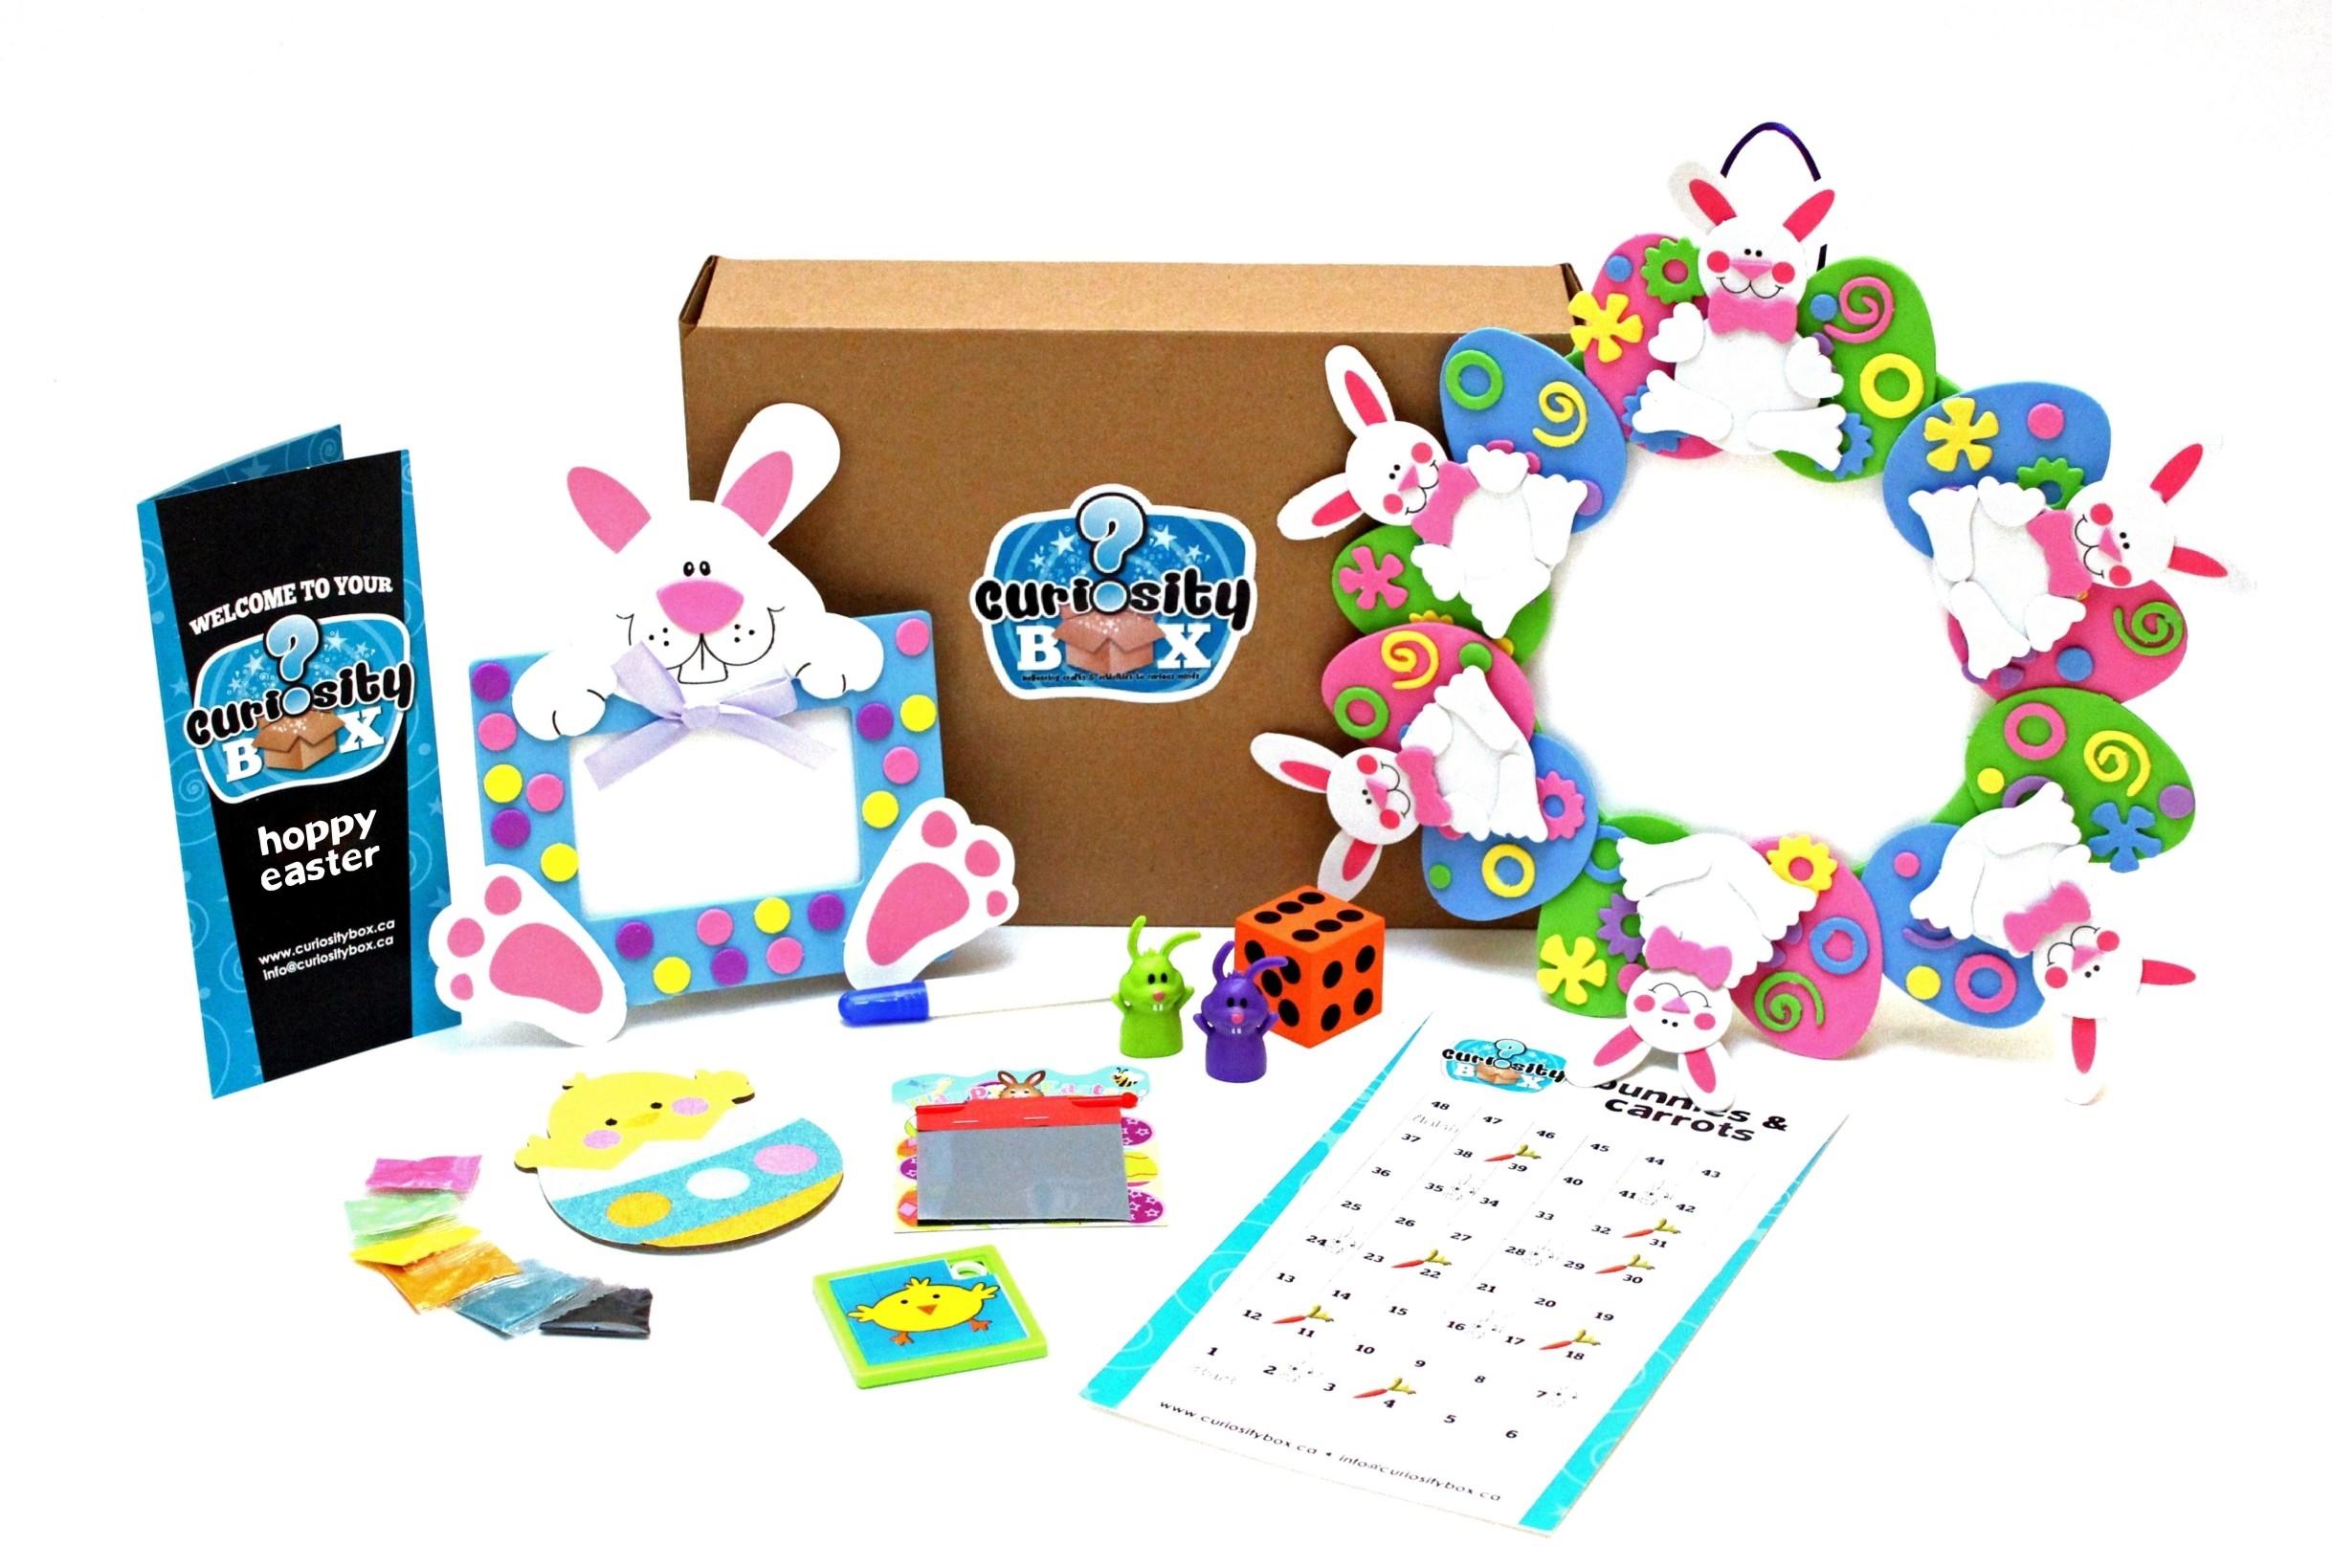 Curiosity_Box_Easter_HoppyEaster.jpg